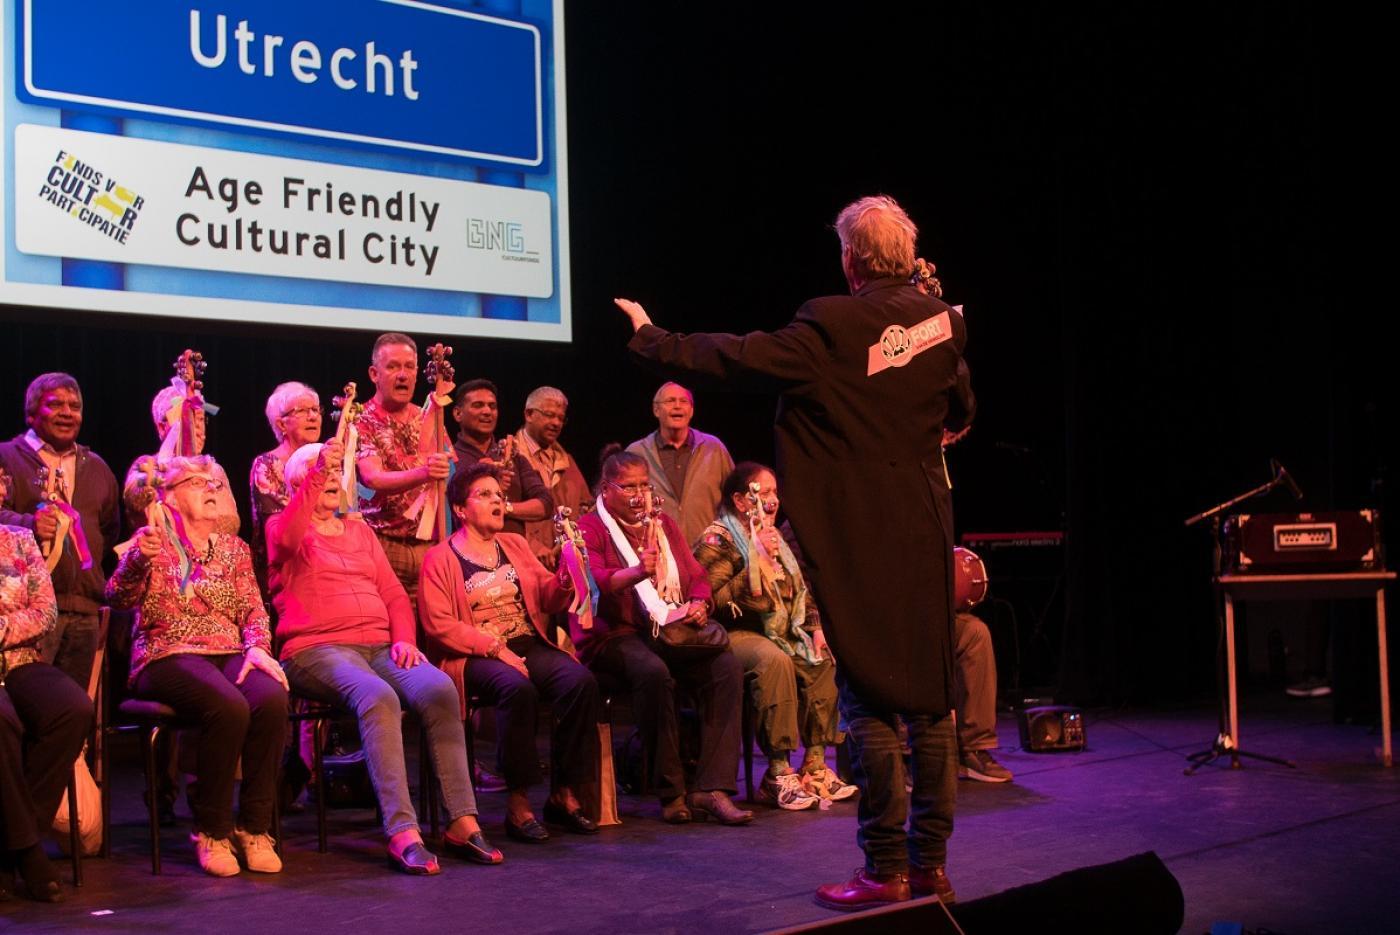 Grijze Koppen Orkest uit Age Friendly Cultural Utrecht